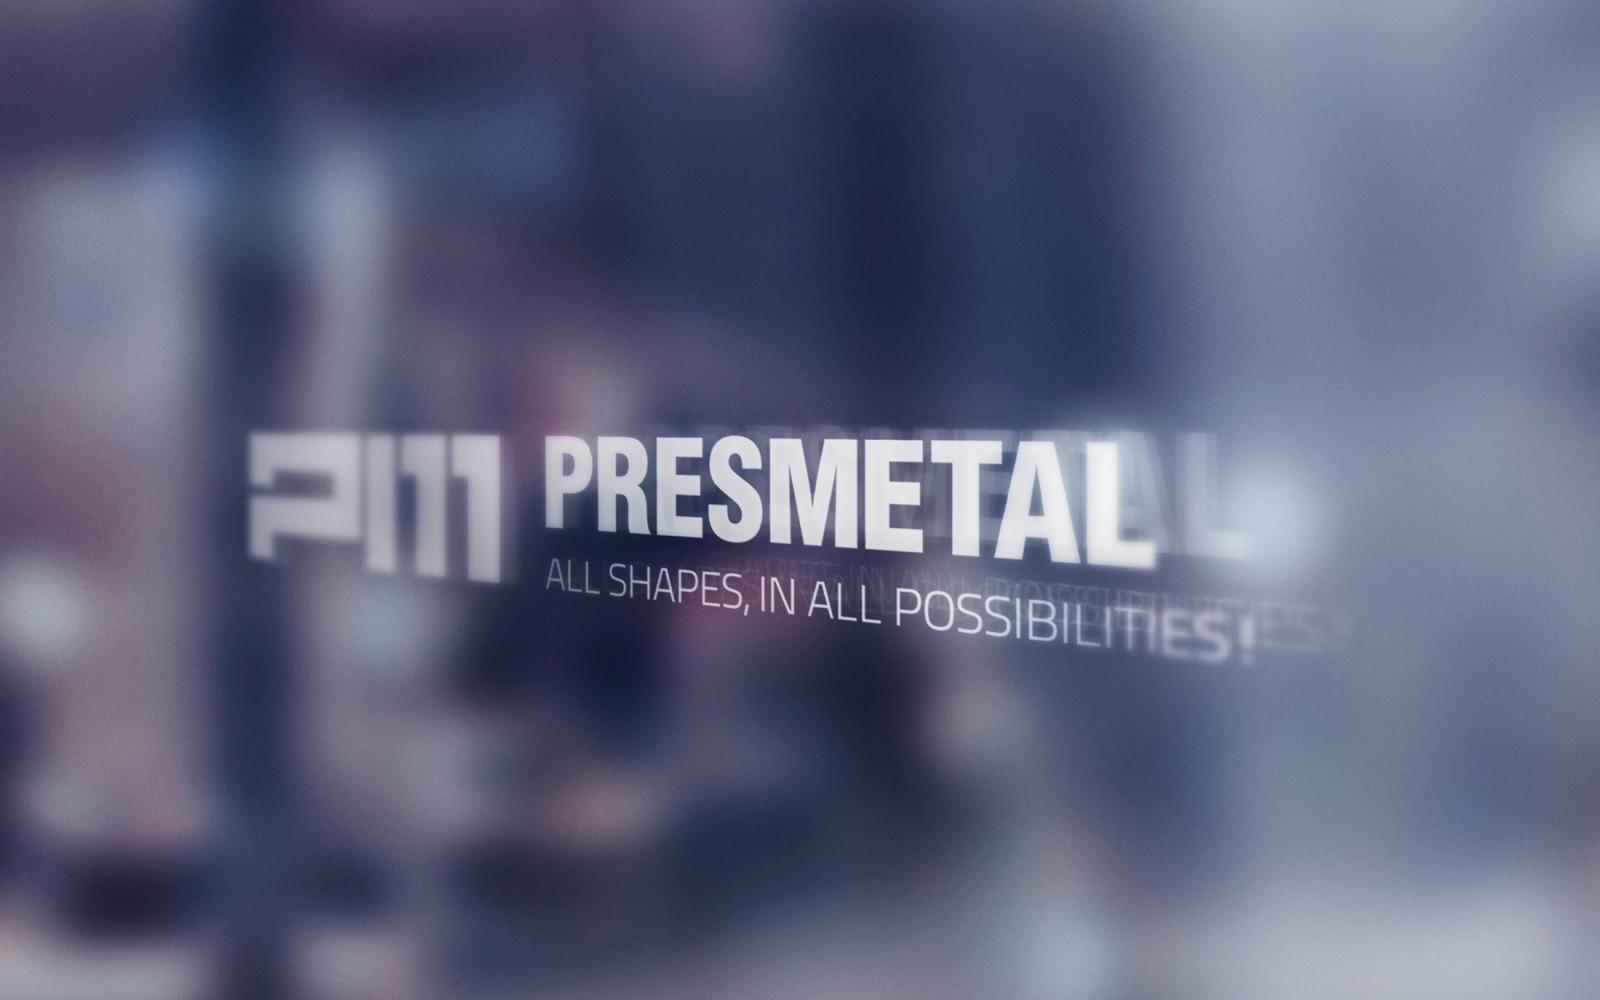 PRESMETAL